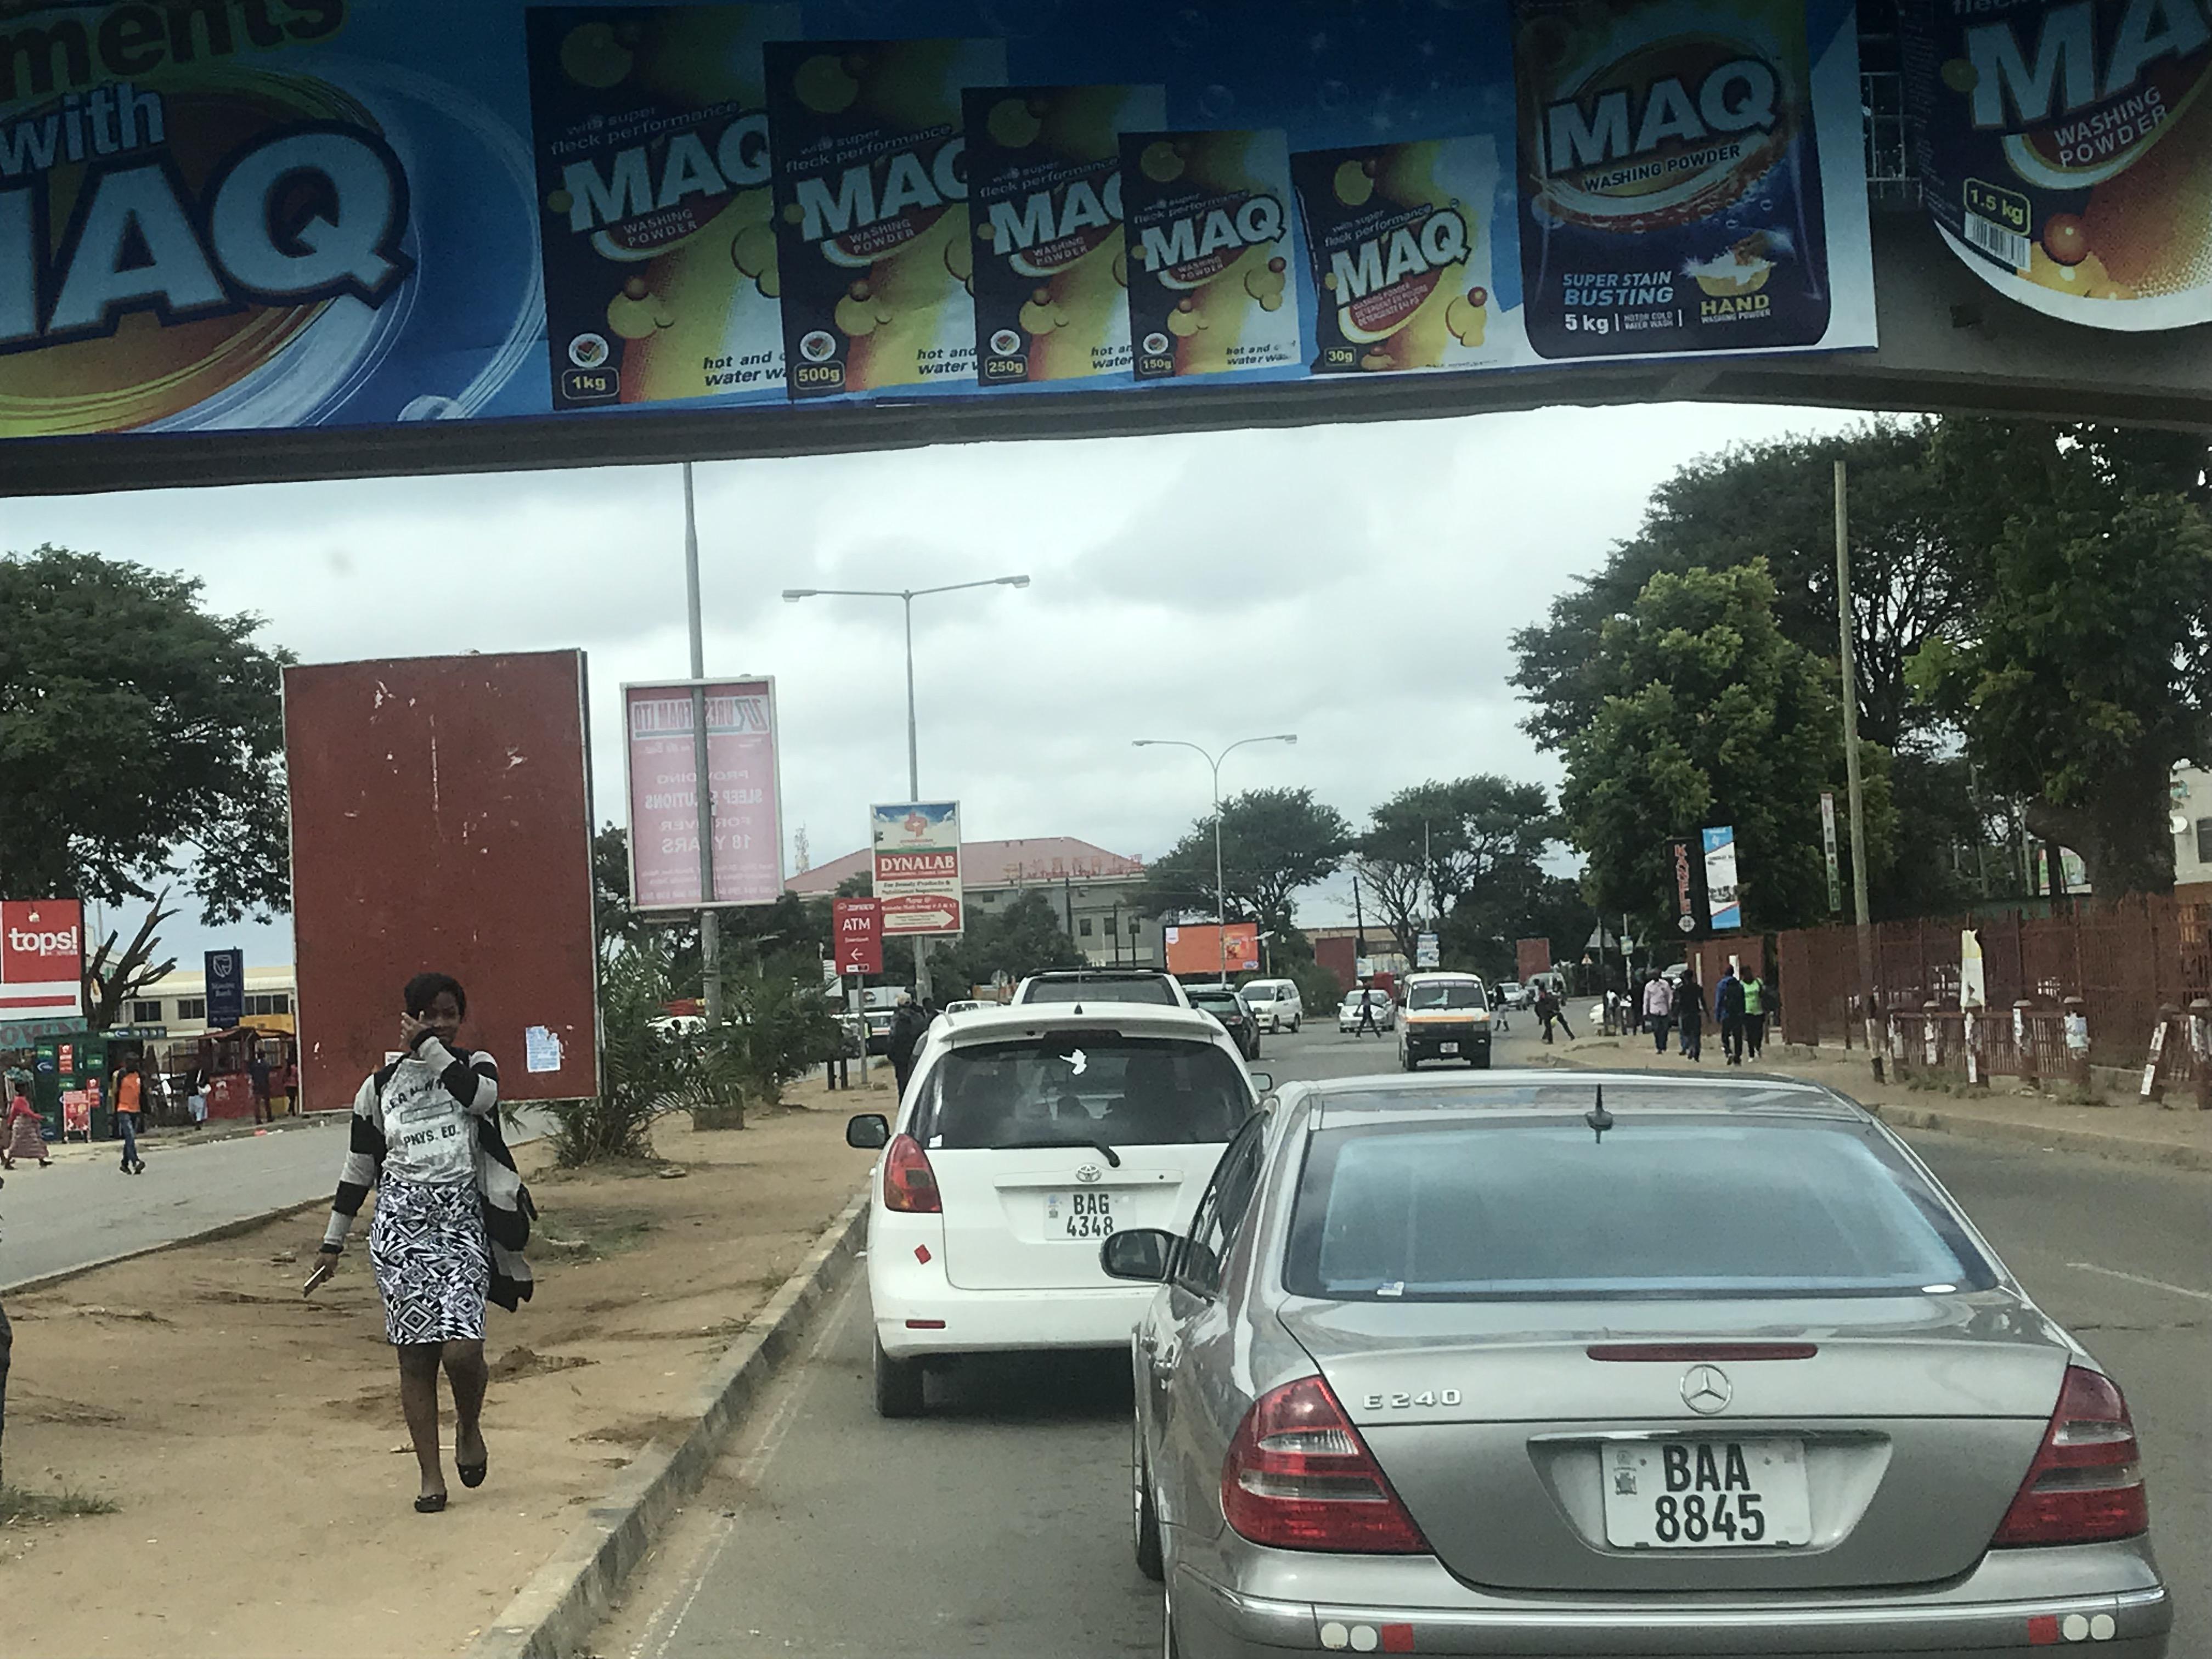 Lusaka traffic jam, detergent hoarding